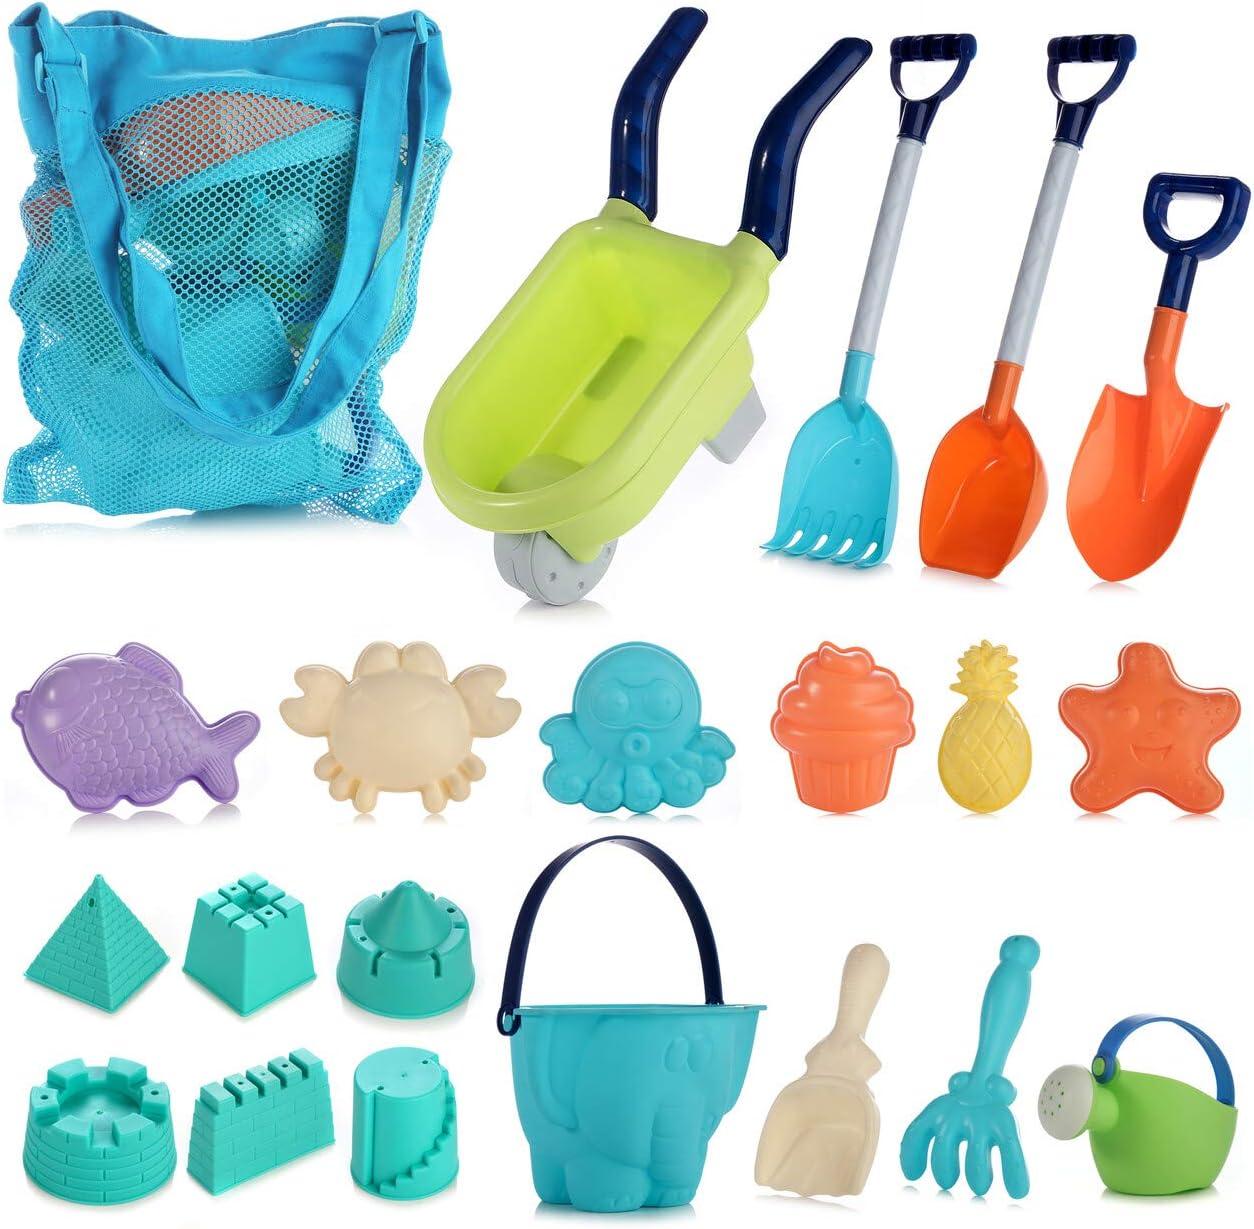 Strandspielzeug f/ür Kleinkinder Strand Spielzeug f/ür Kinder Kleinkinder im Freien Sandburg Strandspielzeug Sets mit Auto Eimer Schlossformen und Netzbeutel aus weichem Kunststoff 13-teiliges Set